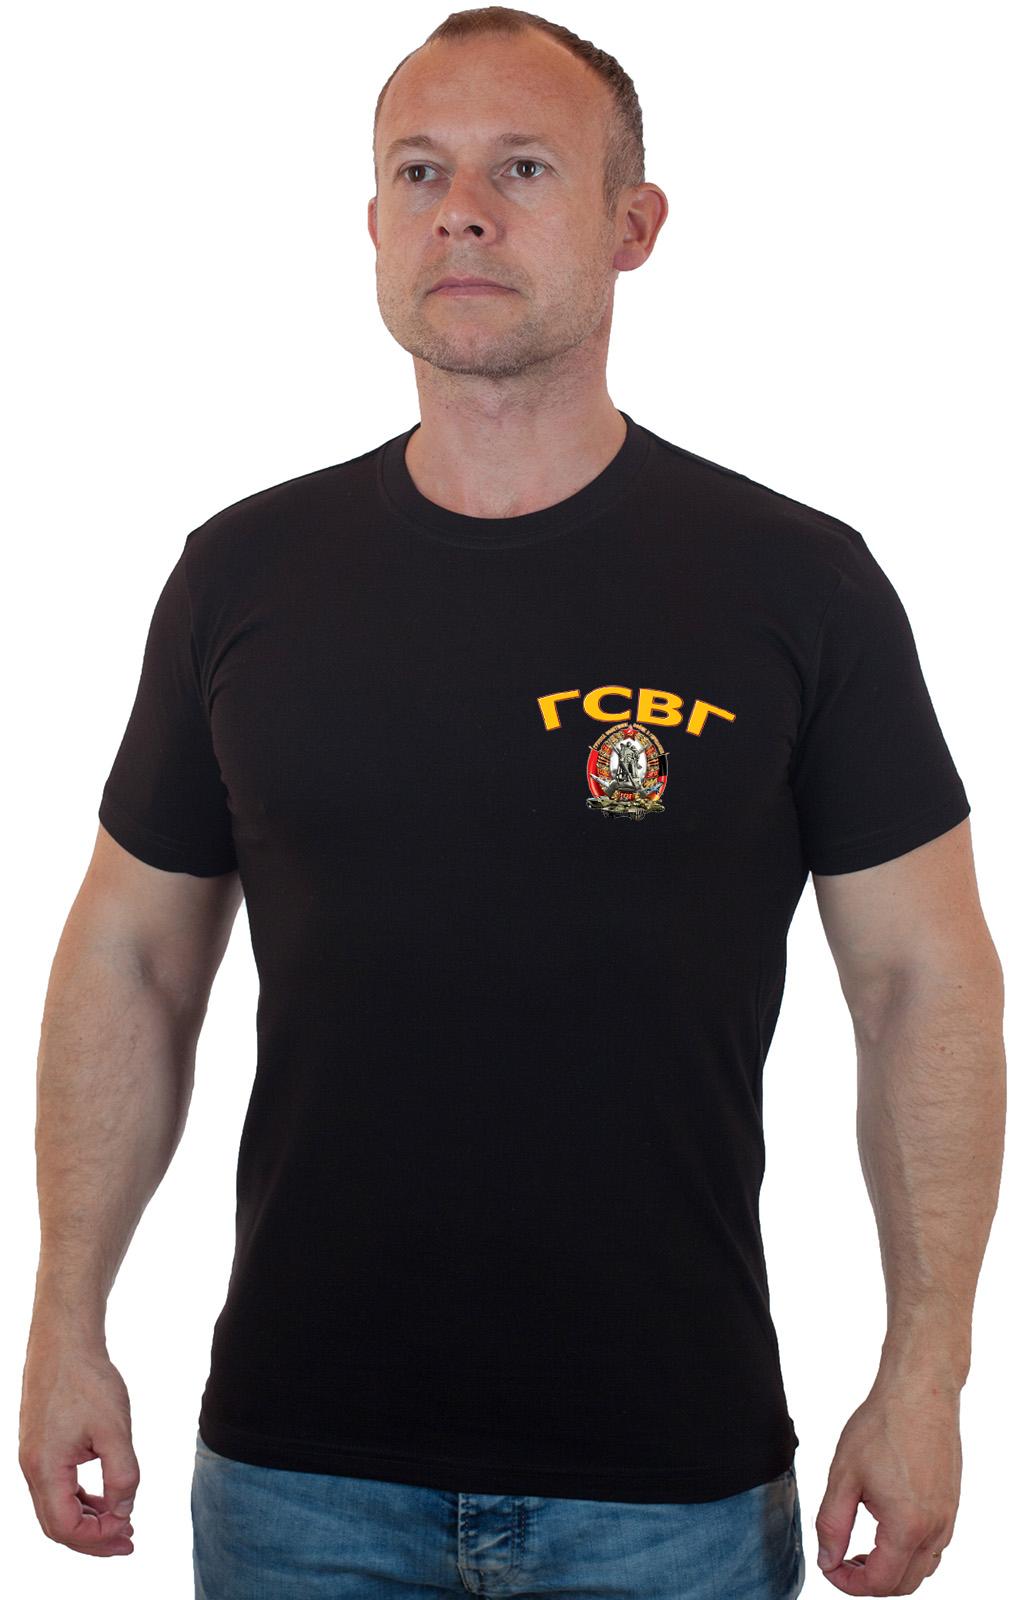 Купить подарок на 23 февраля – мужская футболка ГСВГ